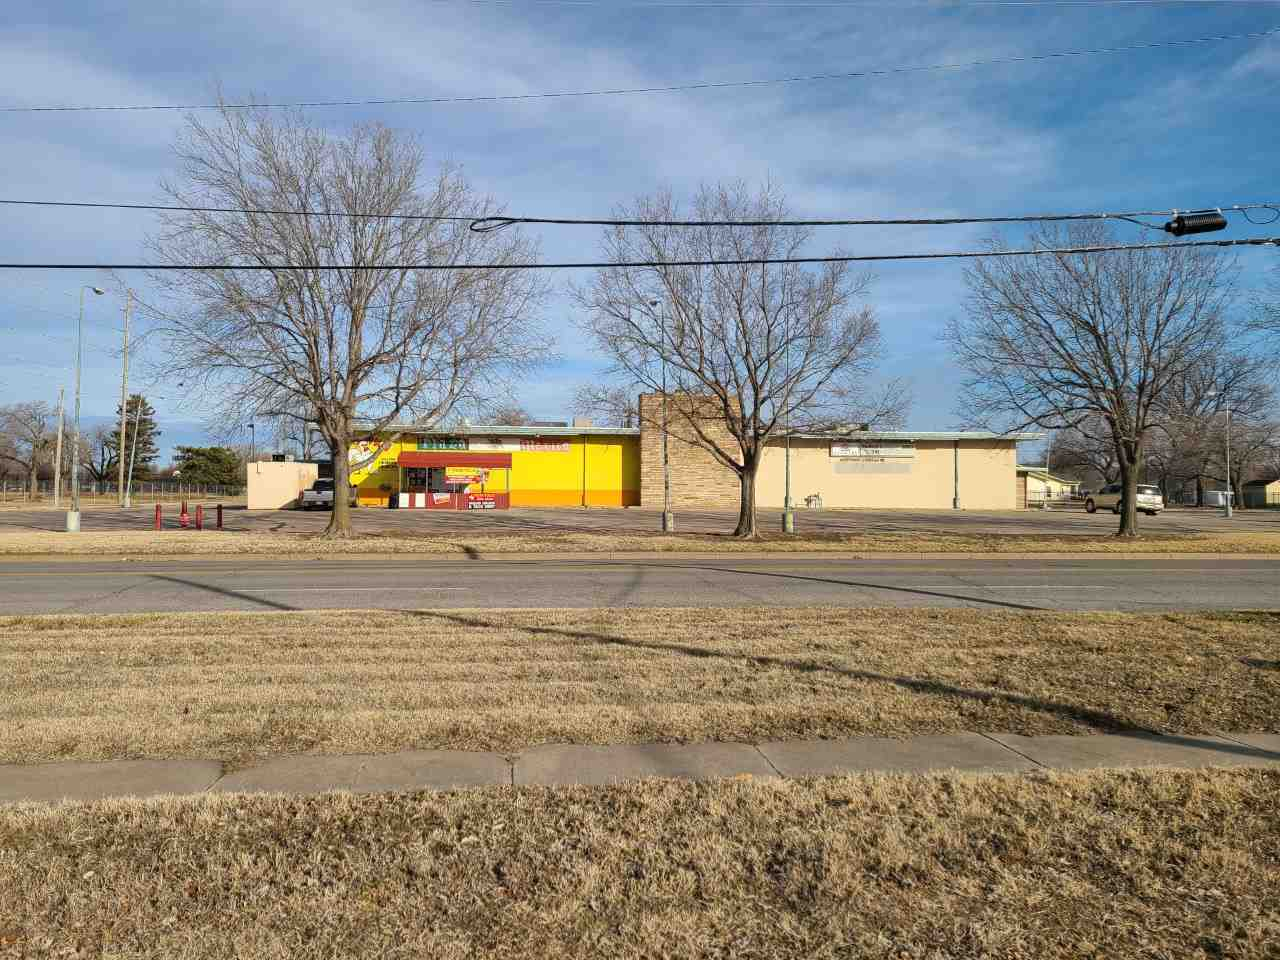 808 W 25th St N, Wichita, KS, 67204